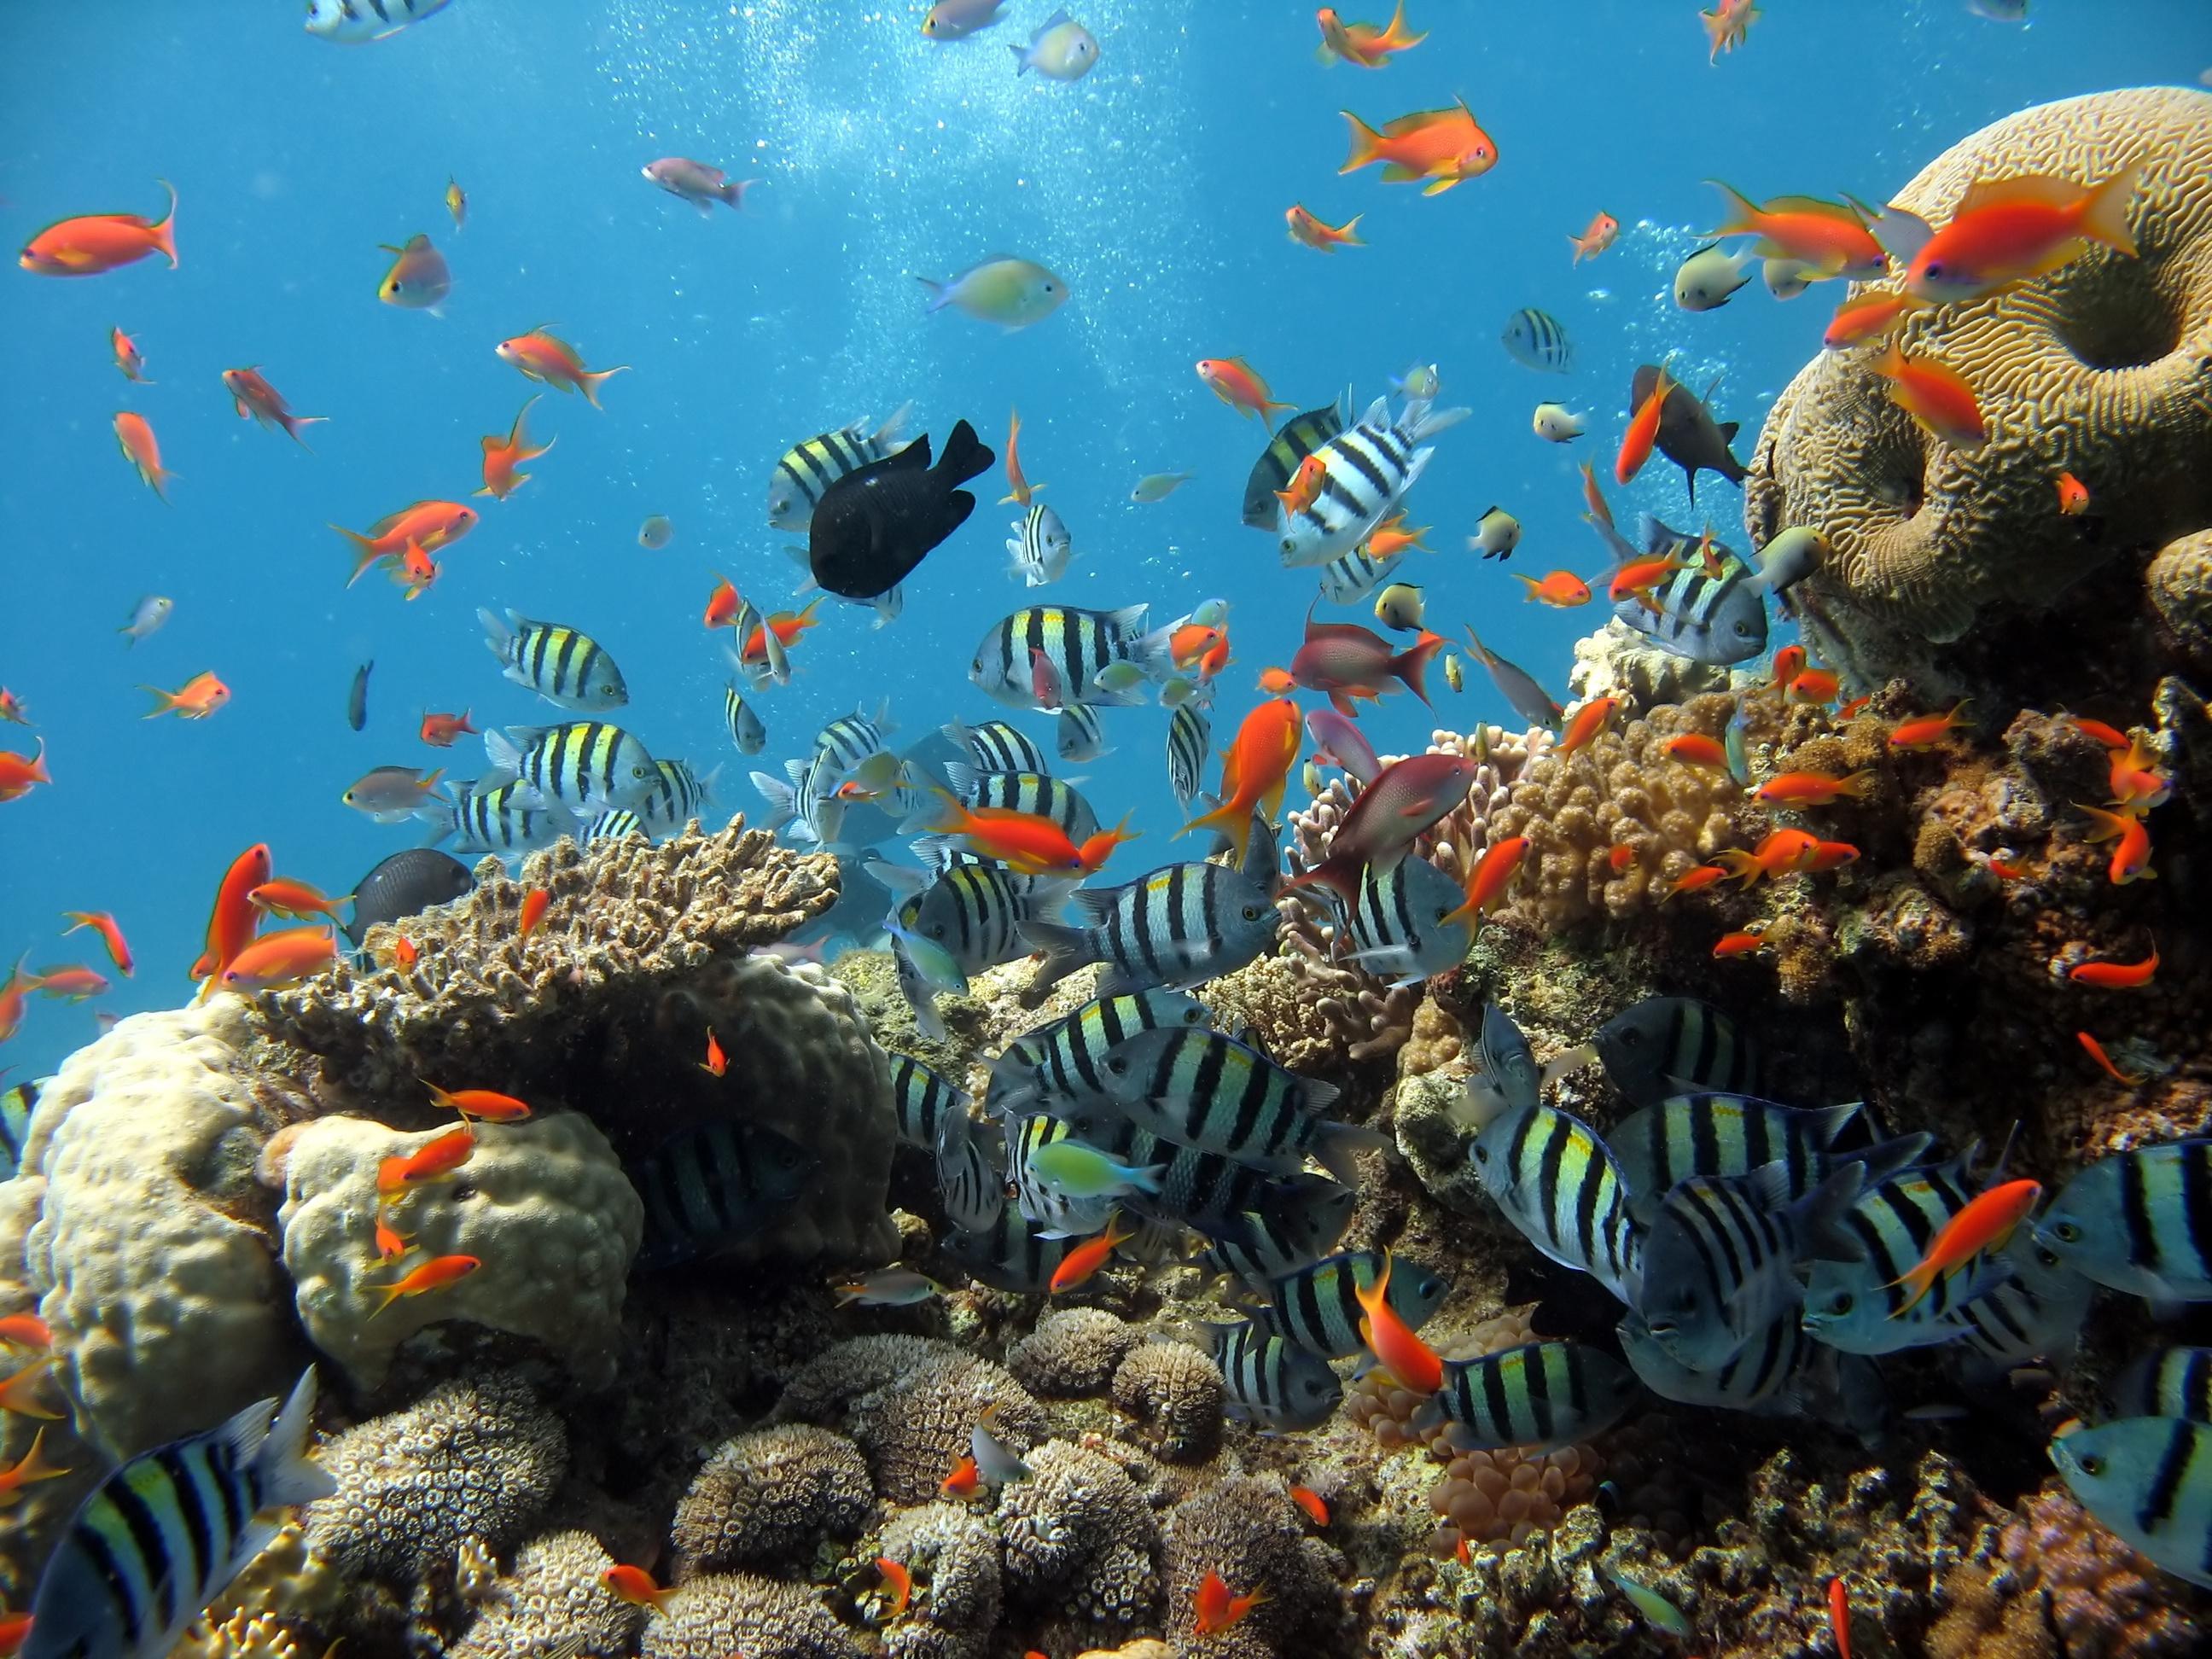 аквариум рыбы кораллы макро без смс